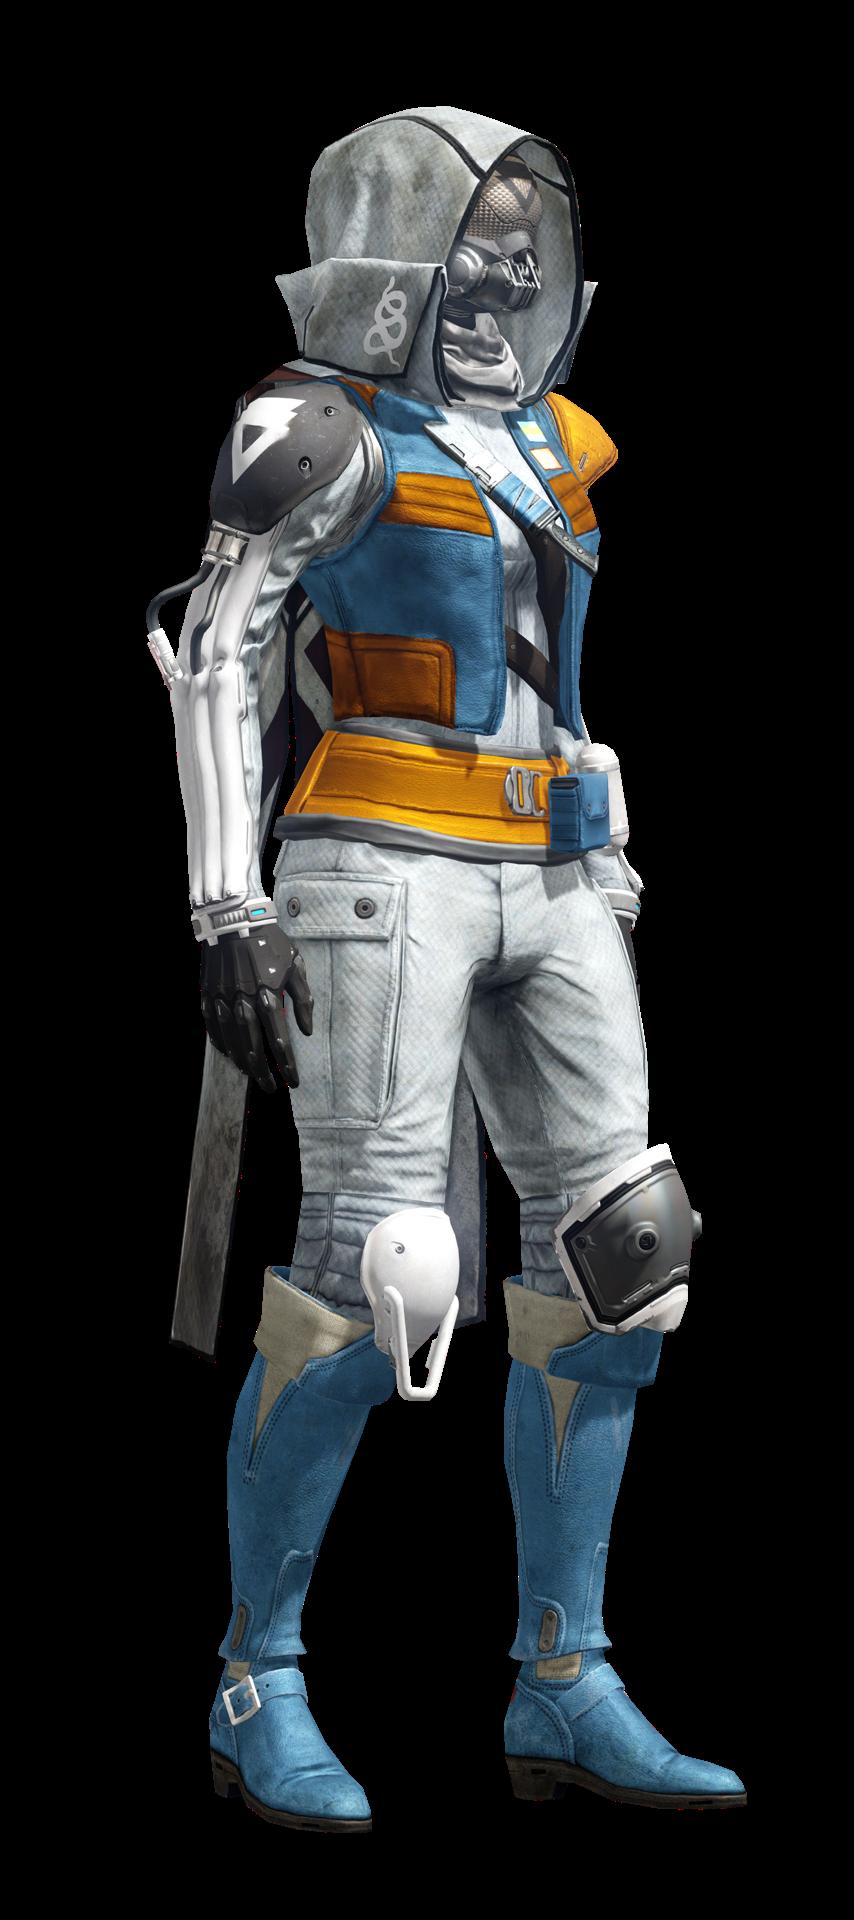 New hunter armor in destiny